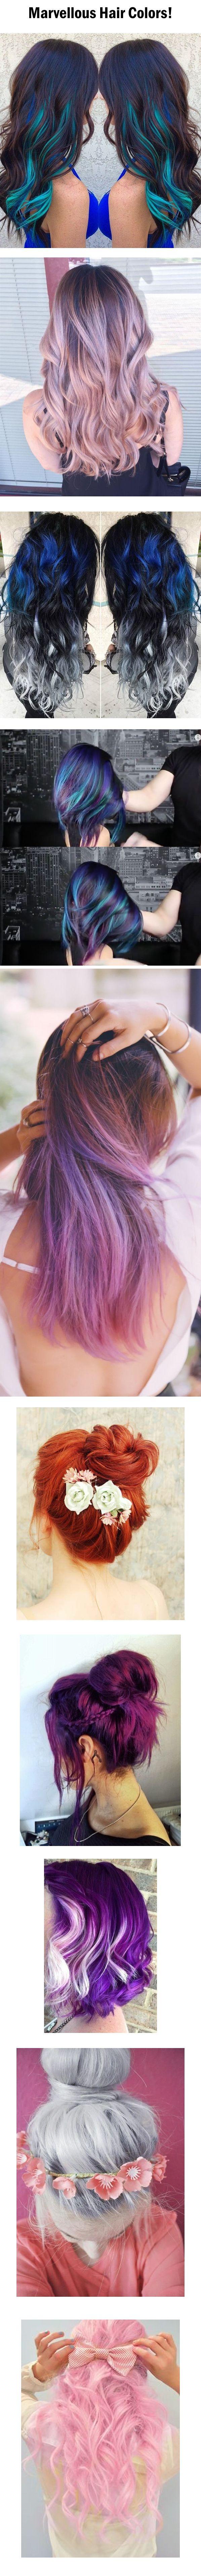 Χρώματα μαλλιών που εντυπωσιάζουν!!!